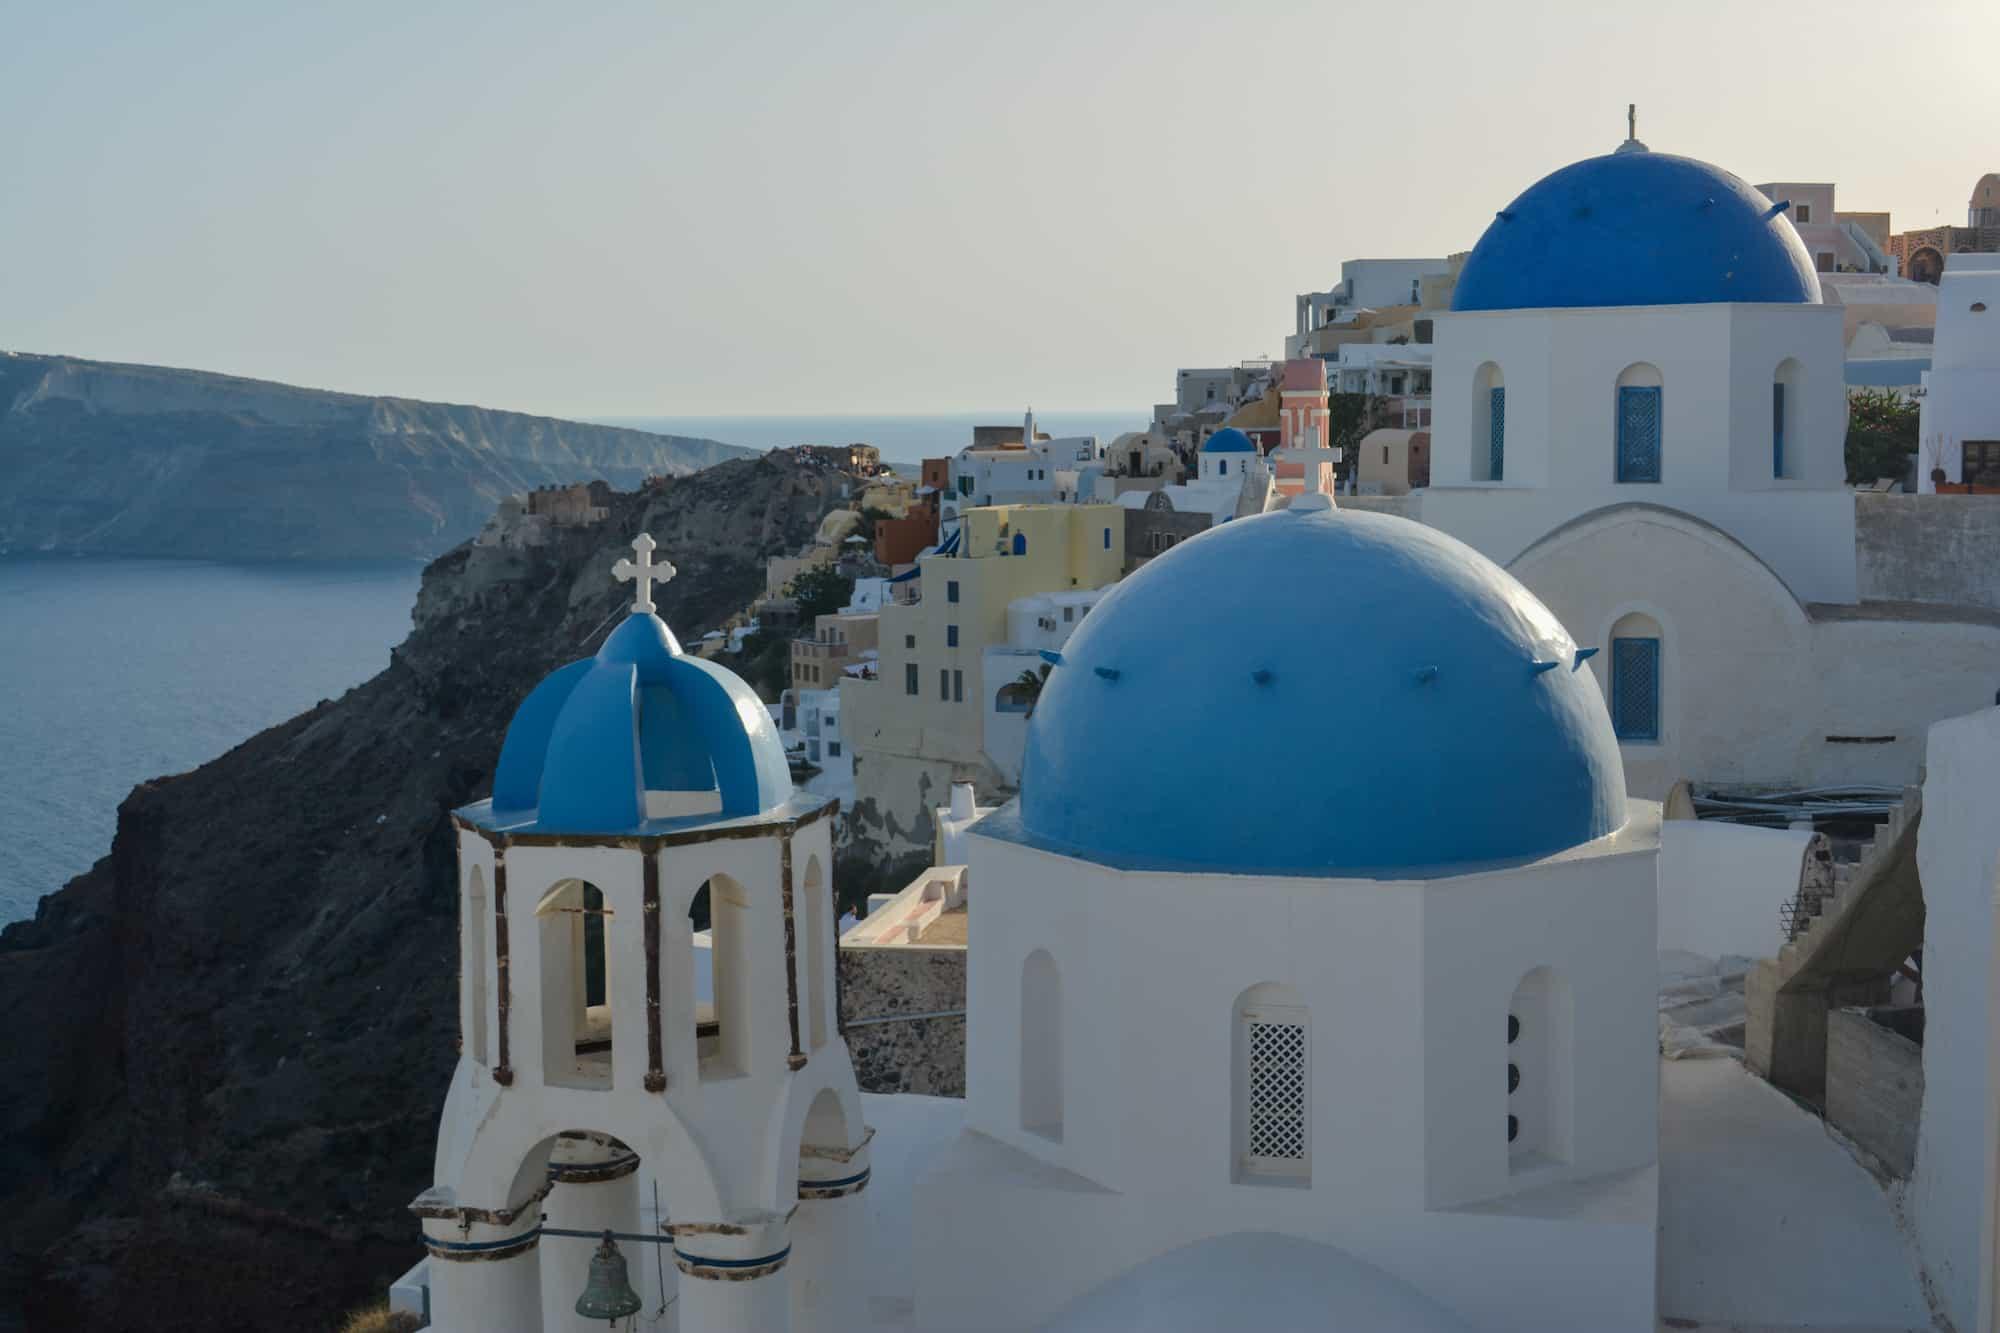 Domos azules en Oia, Santorini, Greece